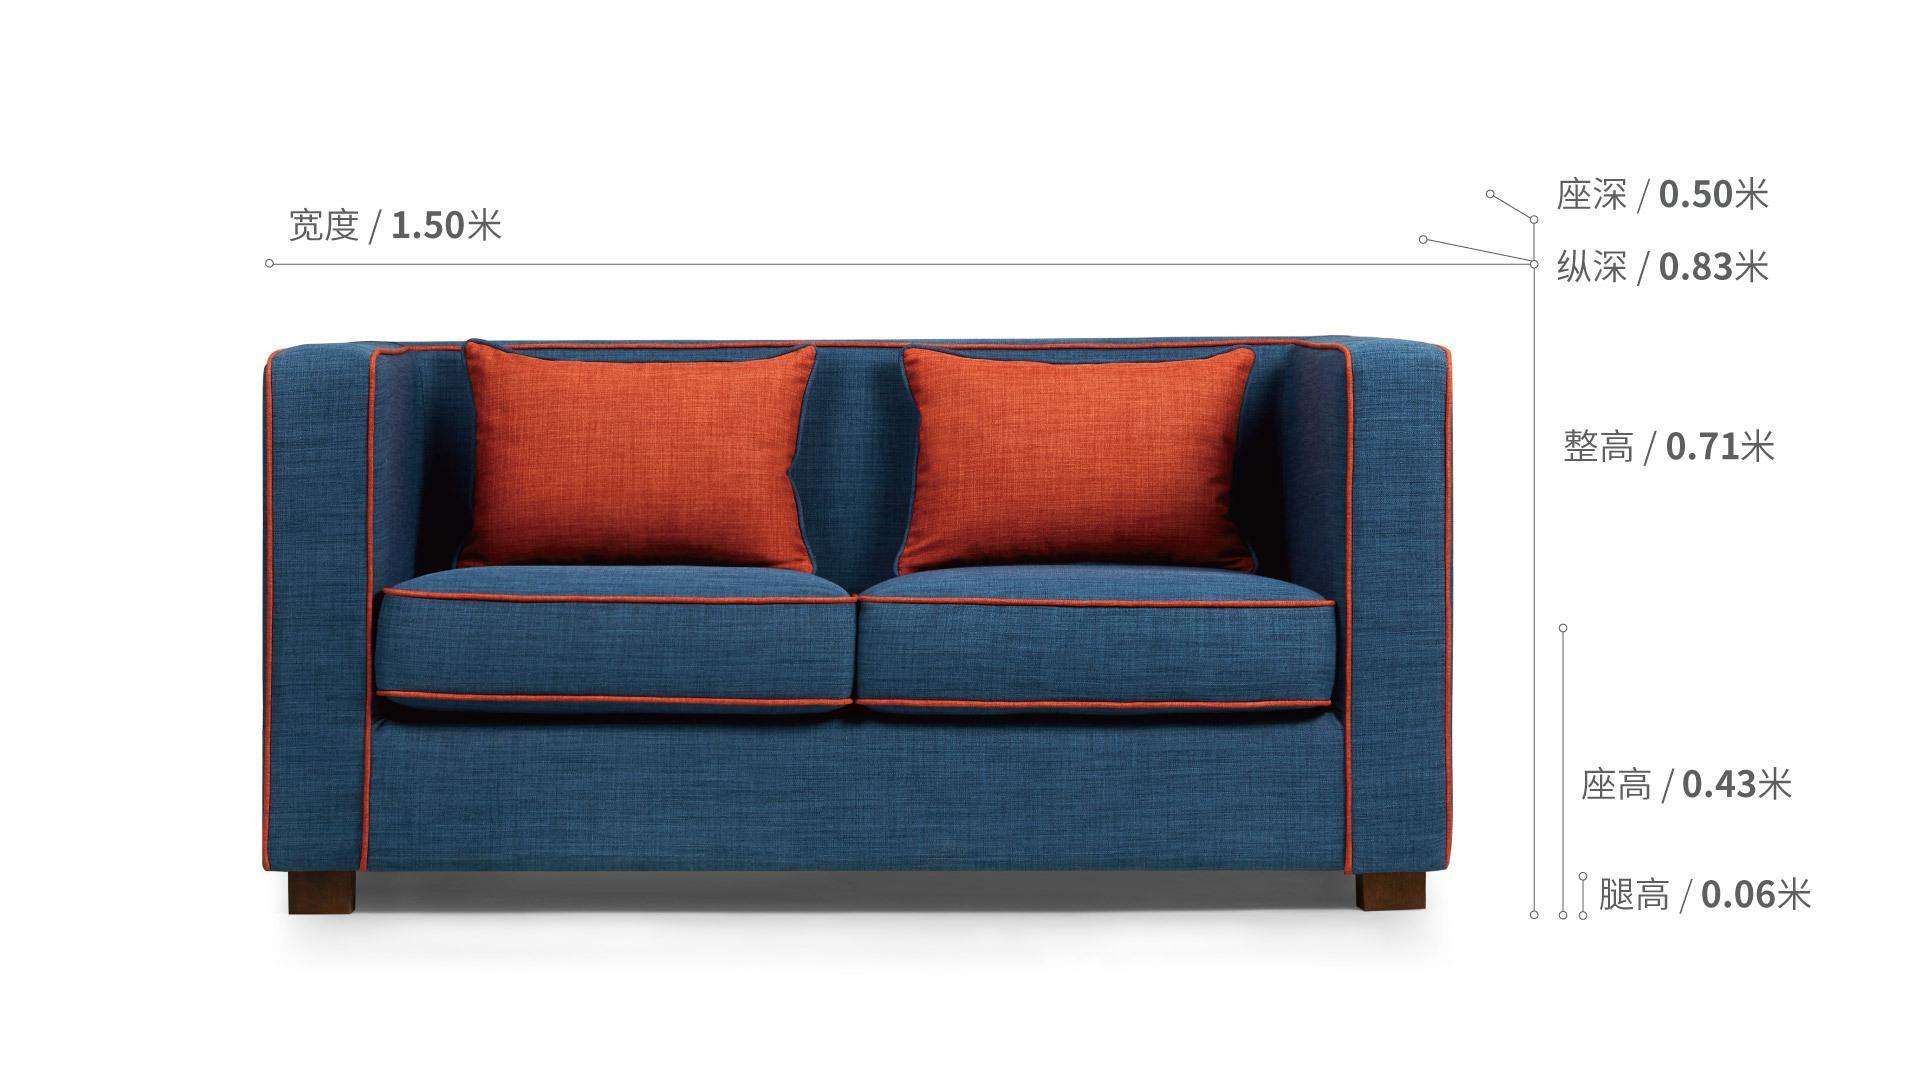 作业本沙发双人座沙发效果图